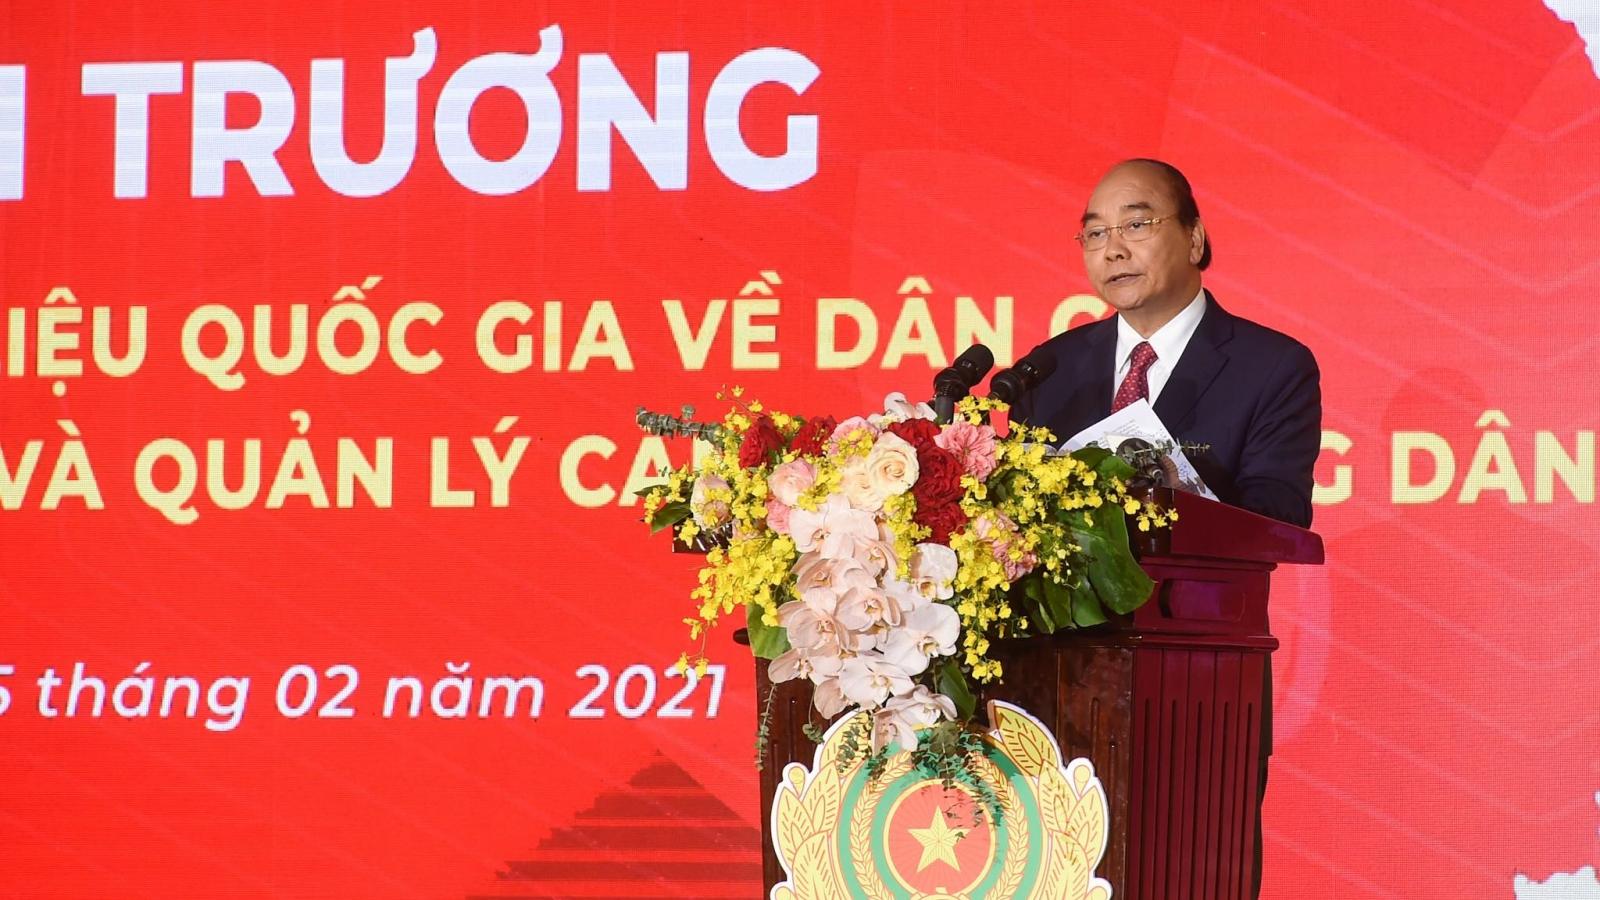 Thủ tướng dự Lễ Khai trương hệ thống Cơ sở dữ liệu quốc gia về dân cư